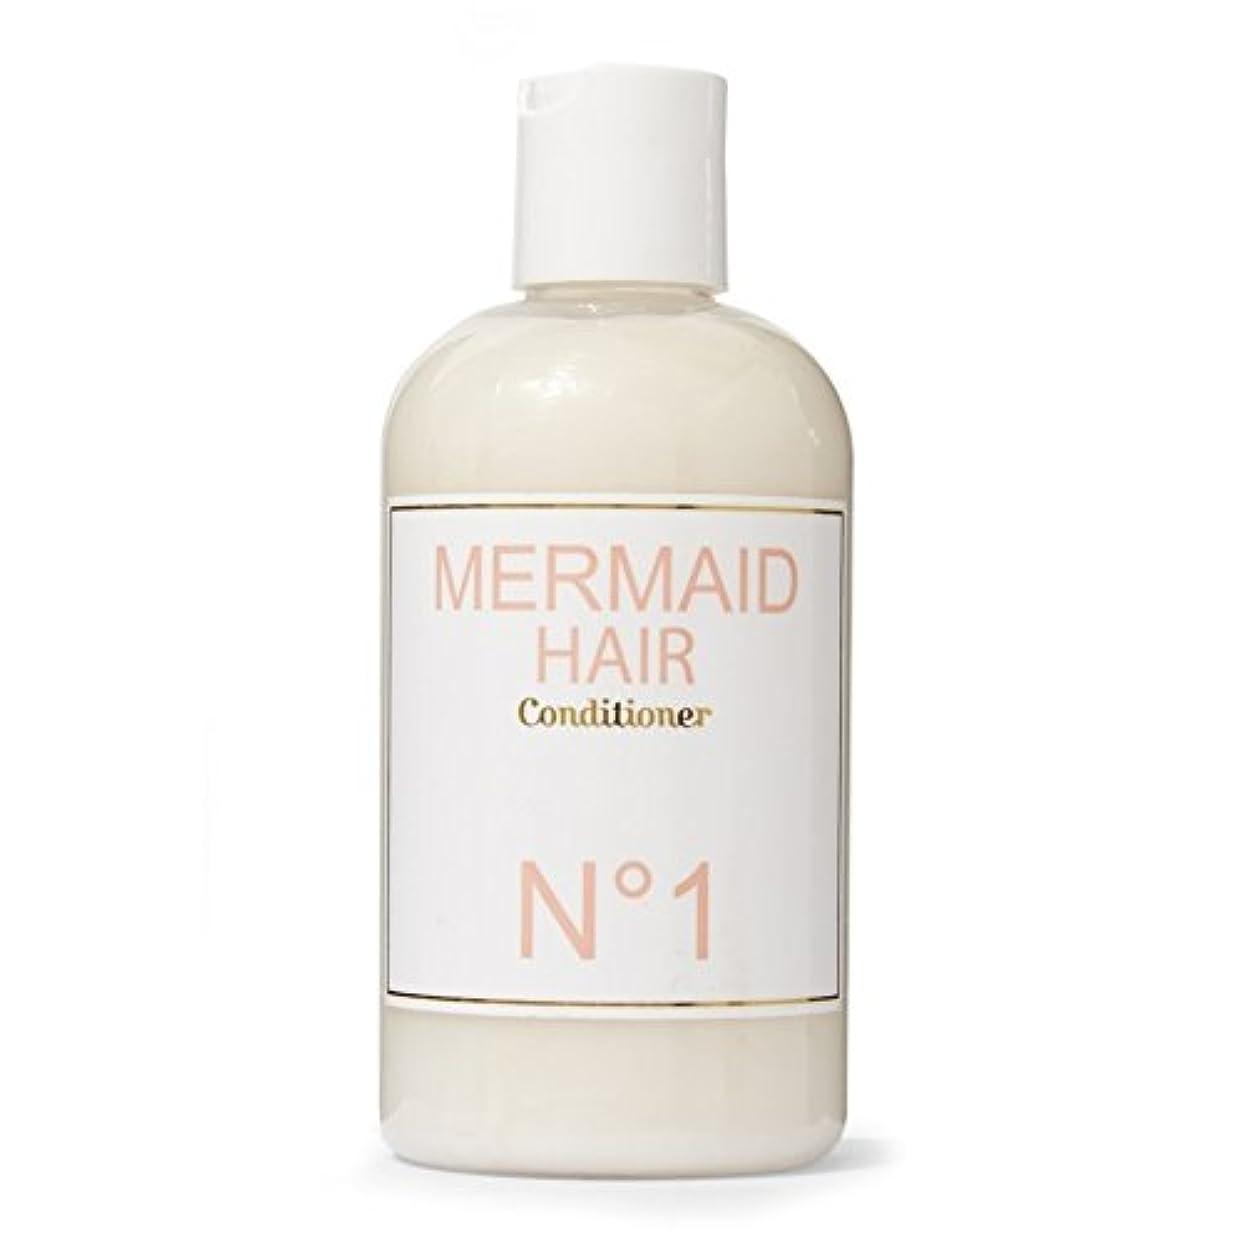 バーガー湾照らすMermaid Perfume Mermaid Conditioner 300ml (Pack of 6) - 人魚香水人魚コンディショナー300ミリリットル x6 [並行輸入品]